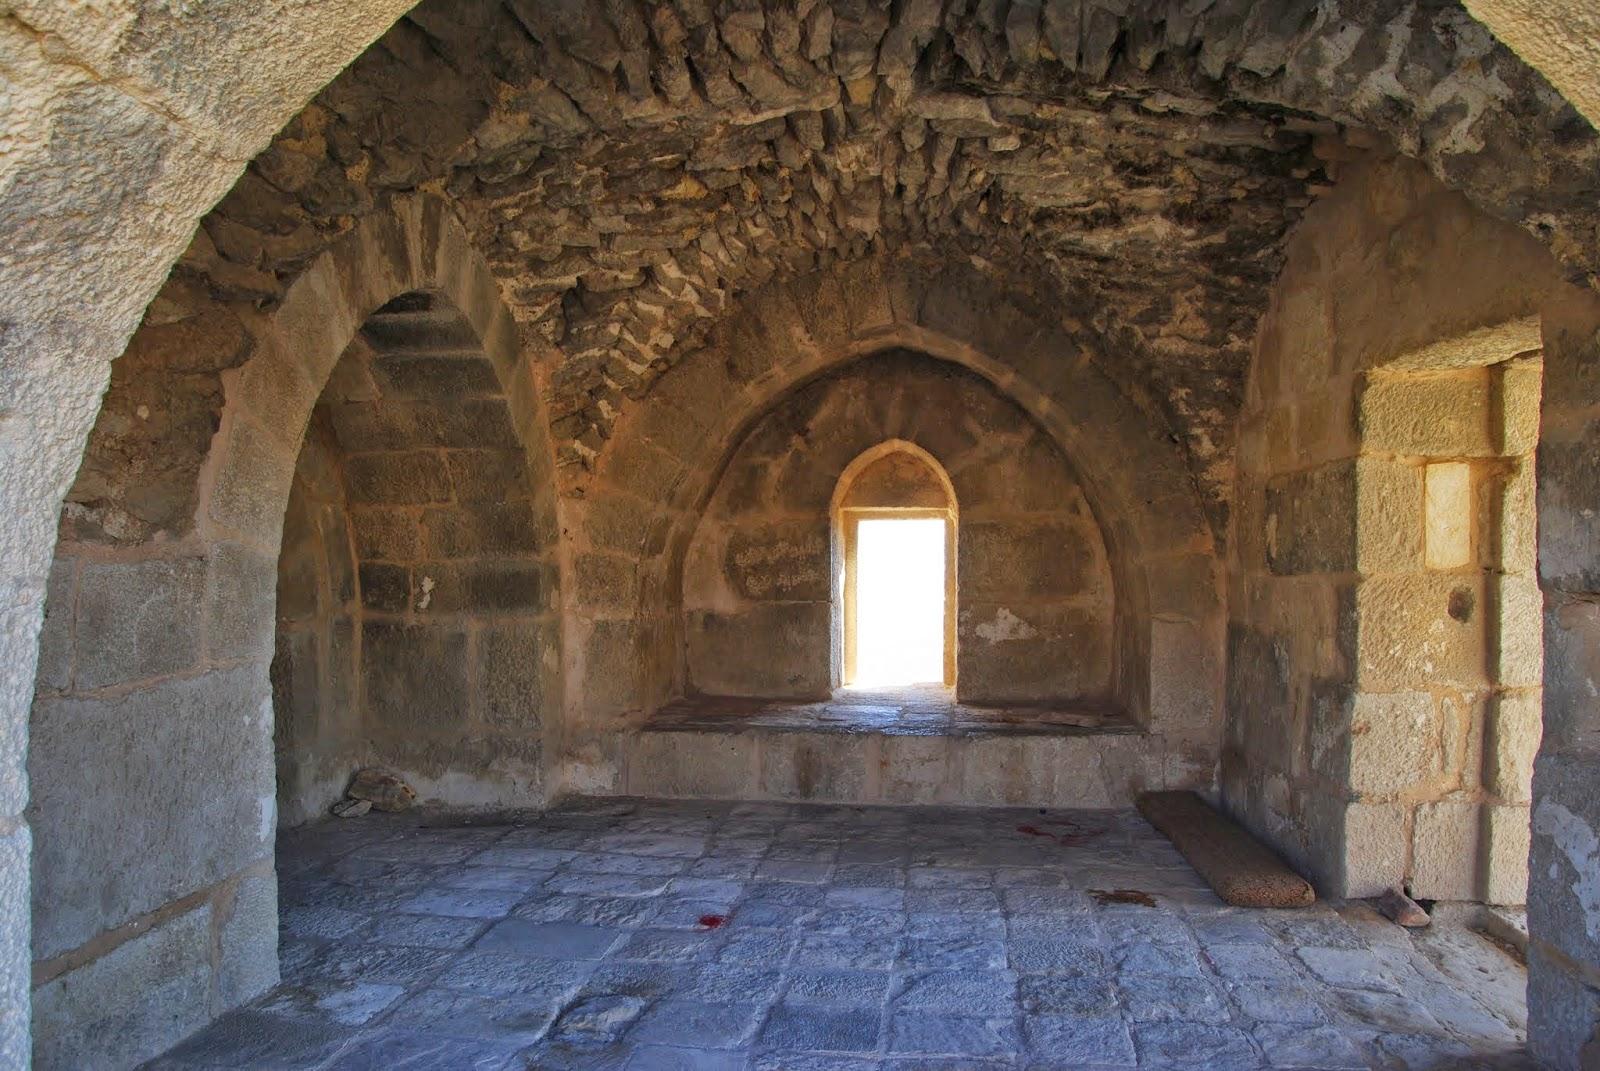 My Photos: Jordan -- Shobak Crusader Castle